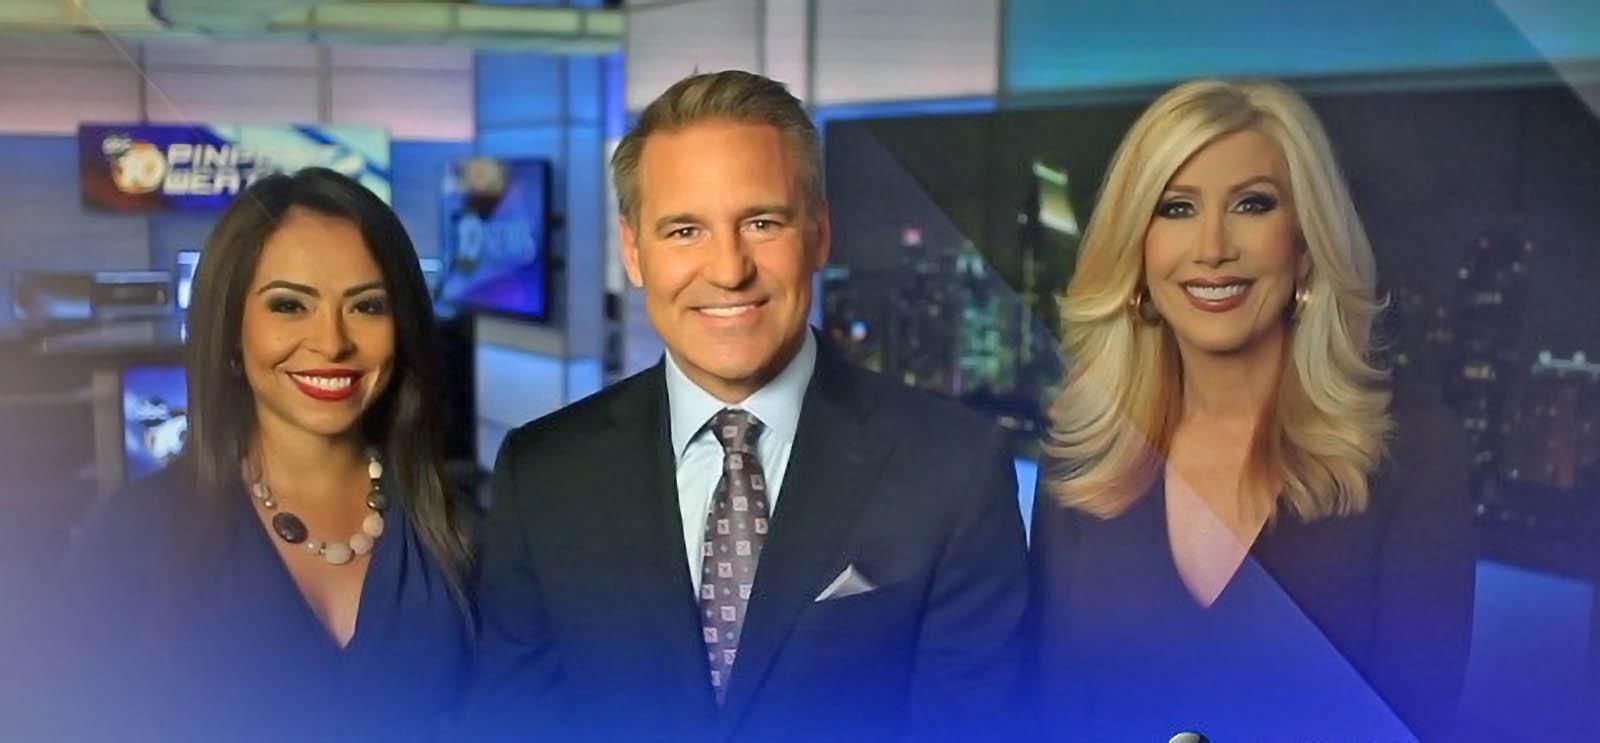 10 News San Diego News Team